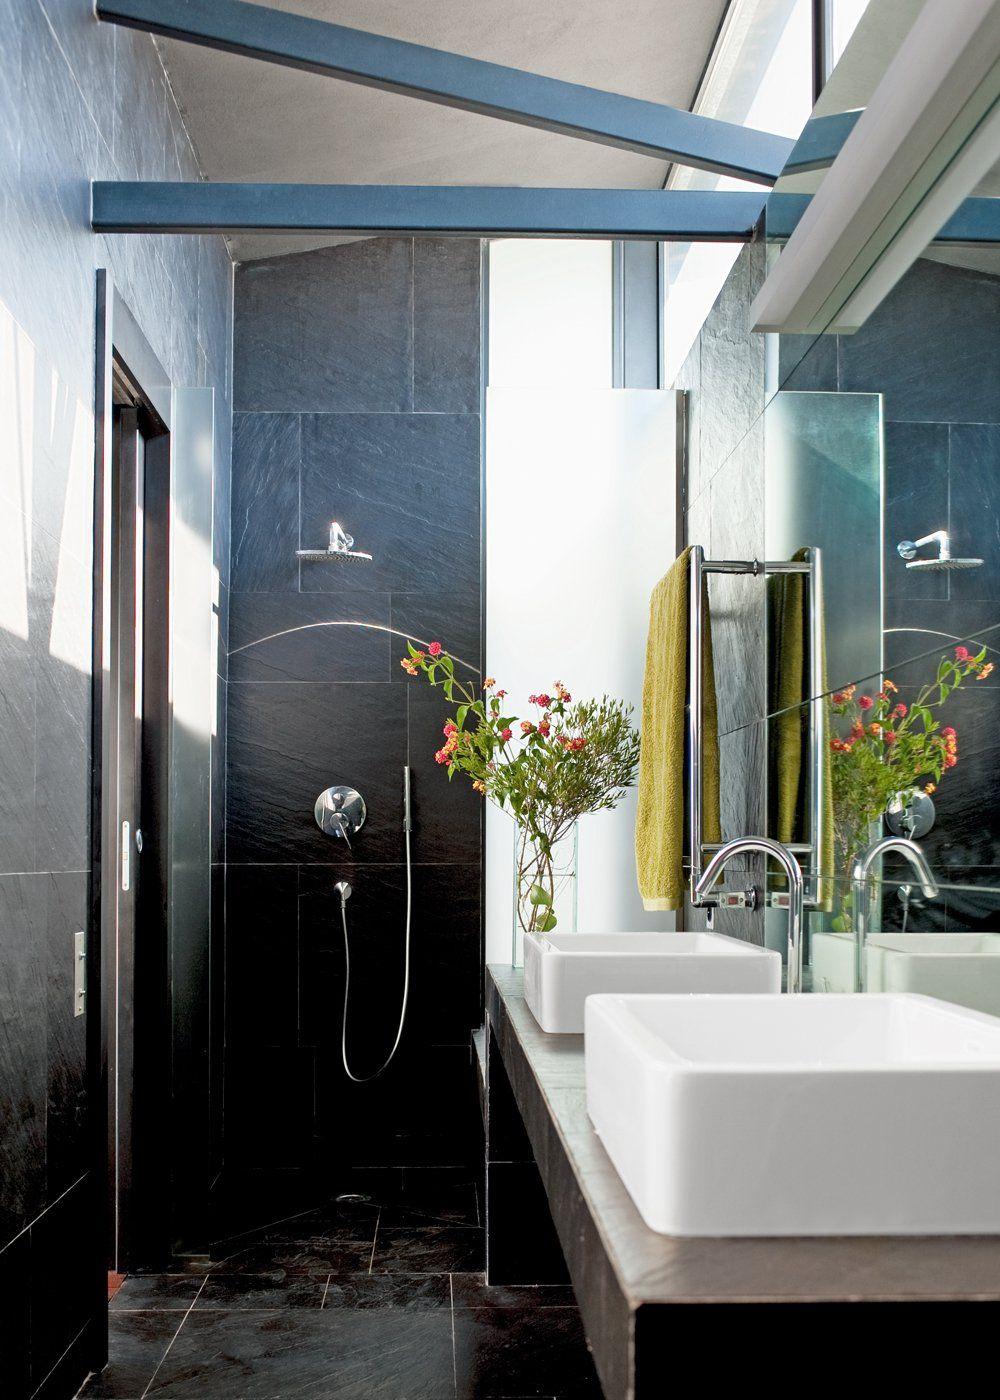 Petite salle de bain design : comment l\'aménager ? | Salle de bains ...